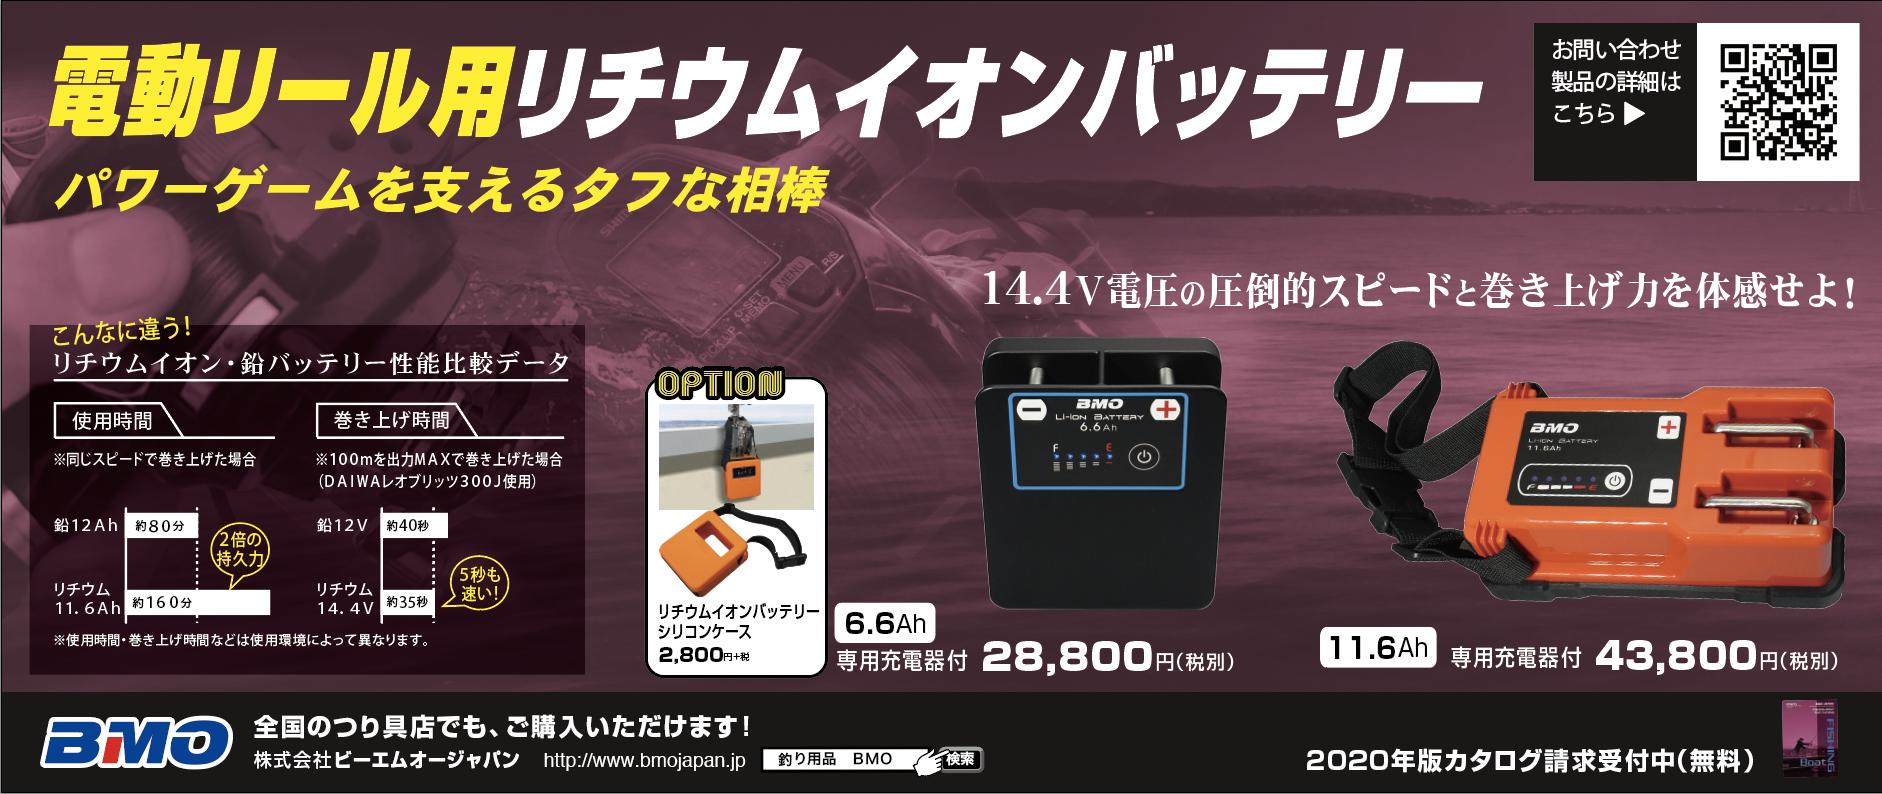 電動リール用リチウムイオンバッテリー。パワーゲームを支えるタフな相棒。人気の6.6Ahと11.6AHバッテリーの詳細はこのリンクから